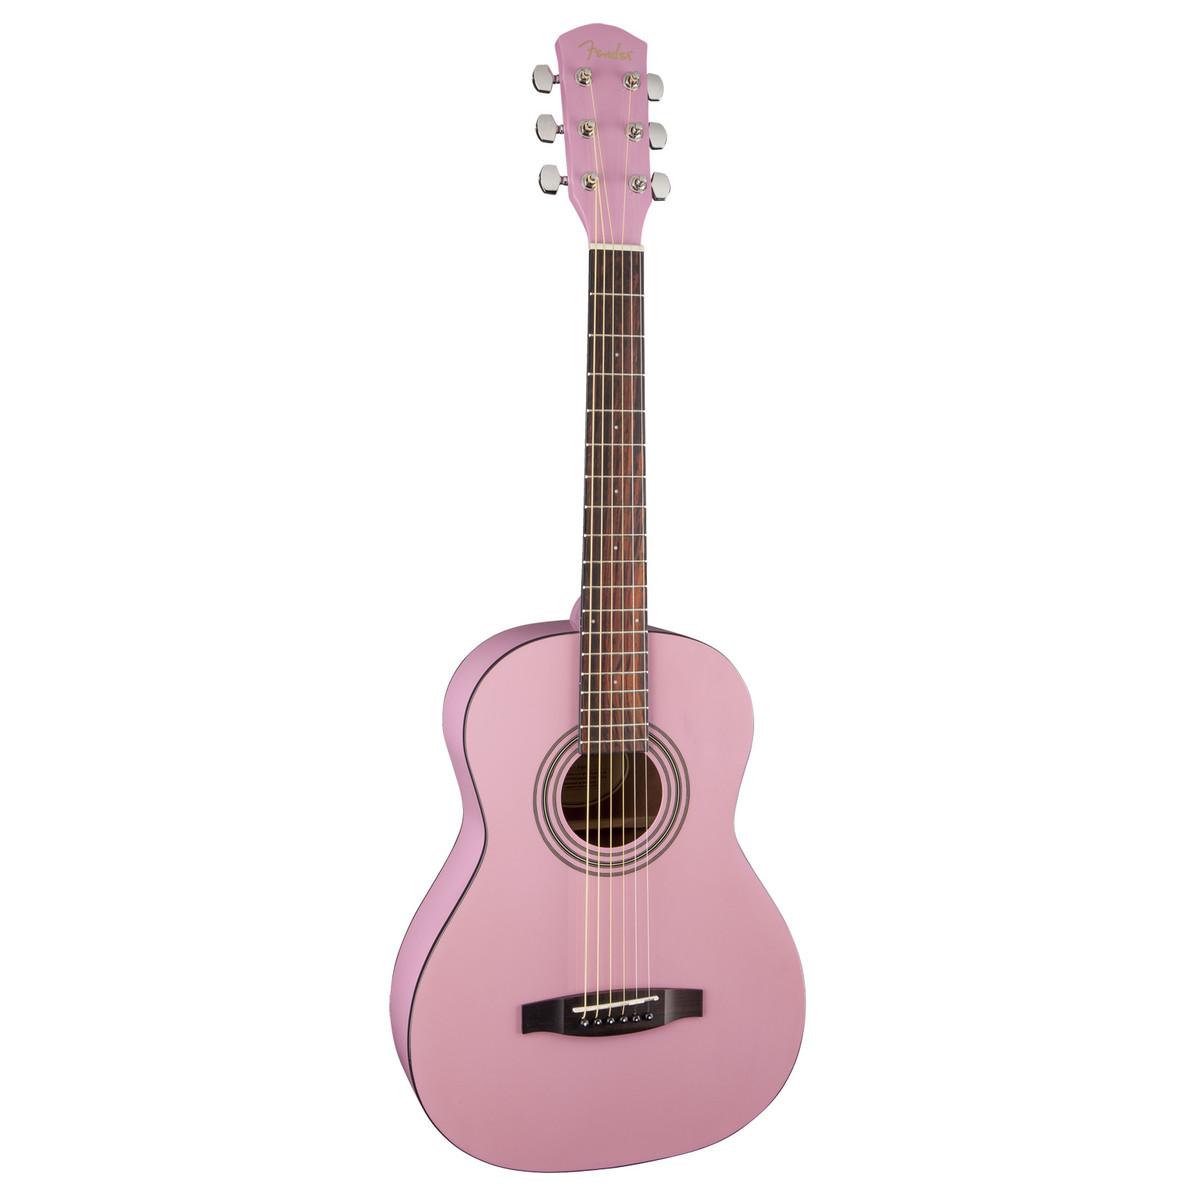 fender fsr ma 1 3 4 acoustic guitar gloss pink at. Black Bedroom Furniture Sets. Home Design Ideas